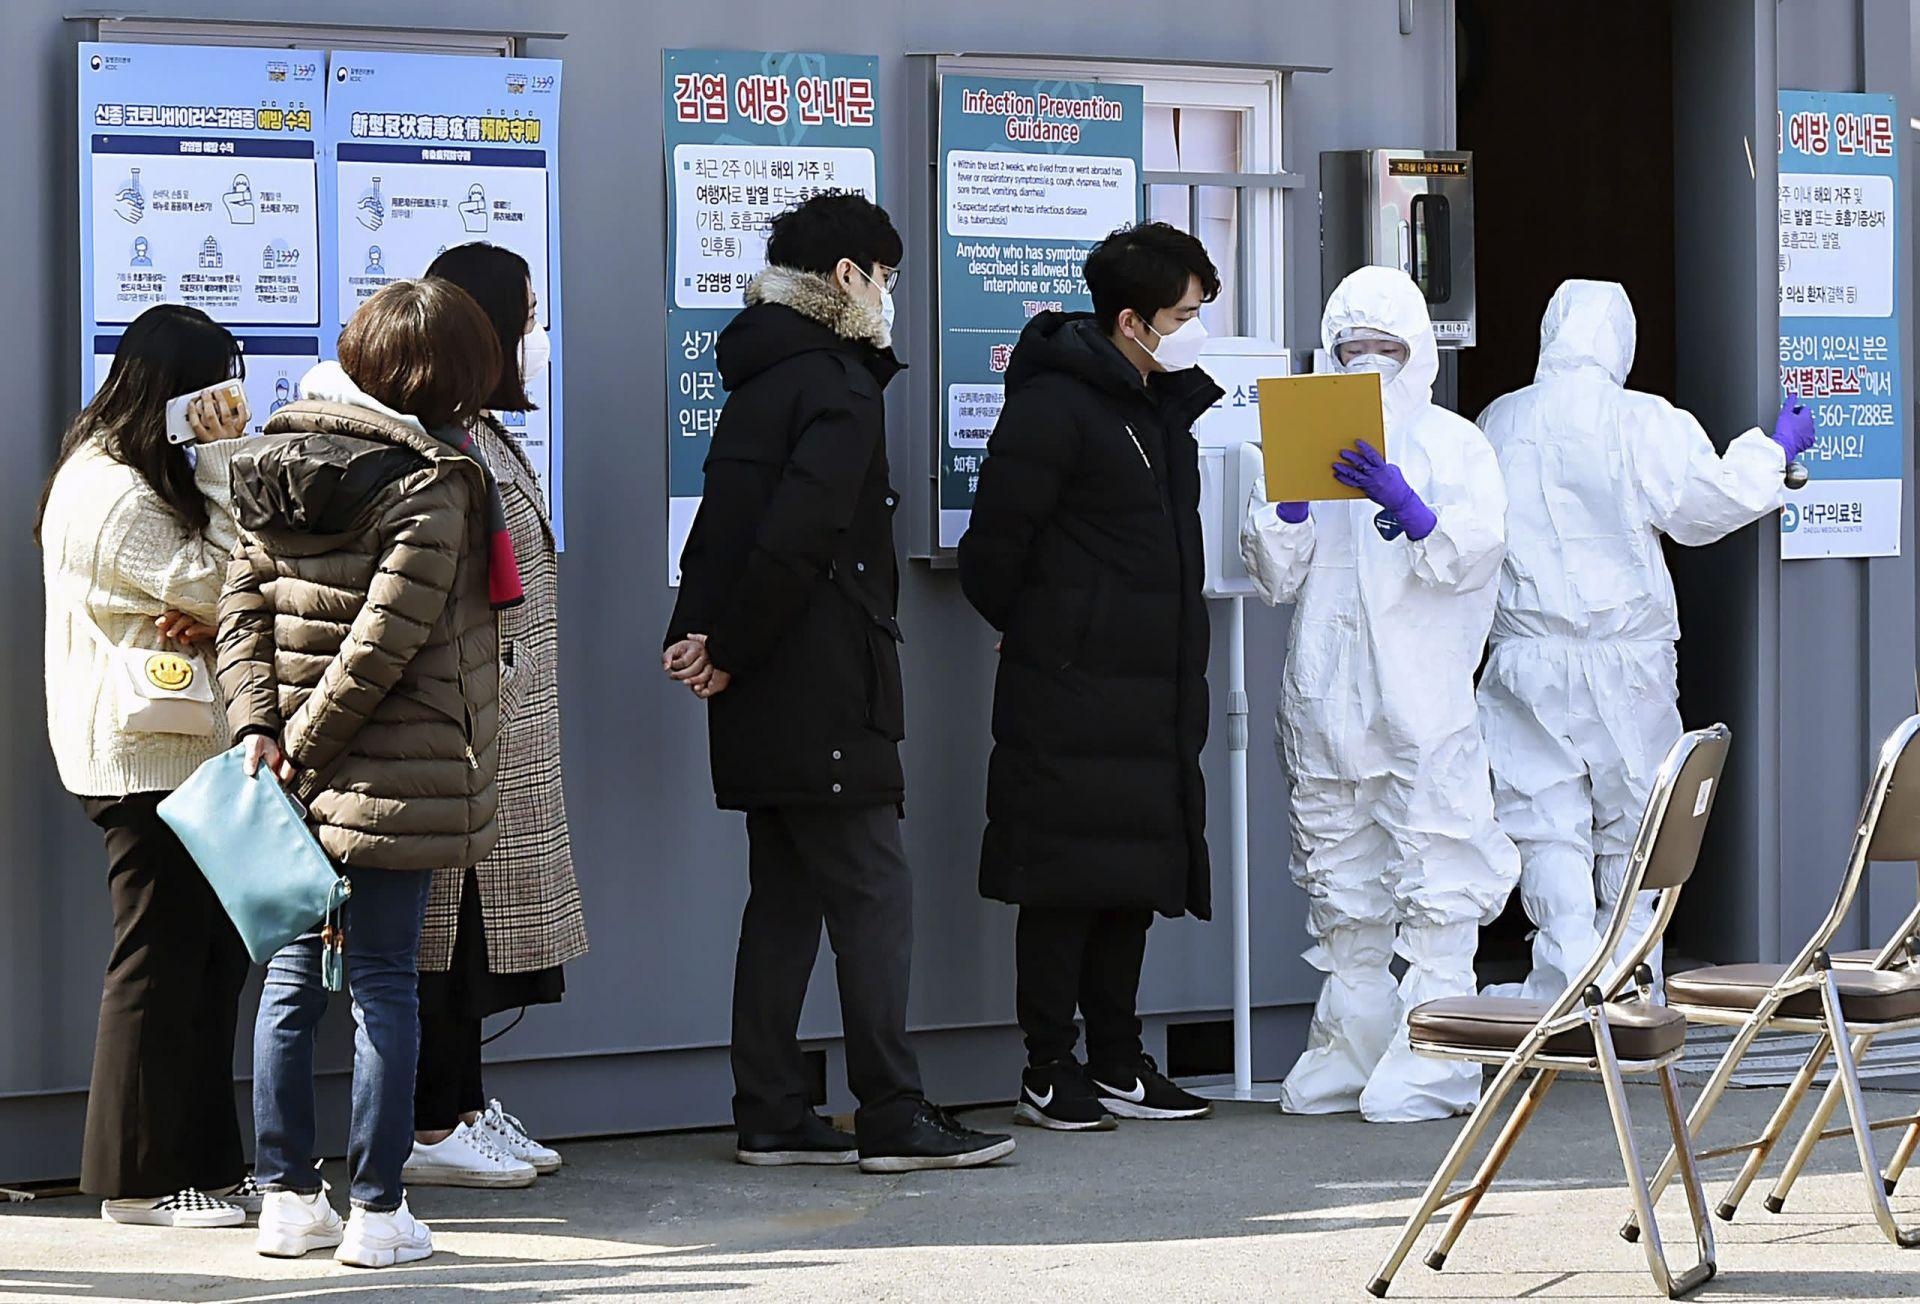 Hàn Quốc oằn mình chống dịch, đau đầu trước hàng vạn du học sinh Trung Quốc trở lại  2